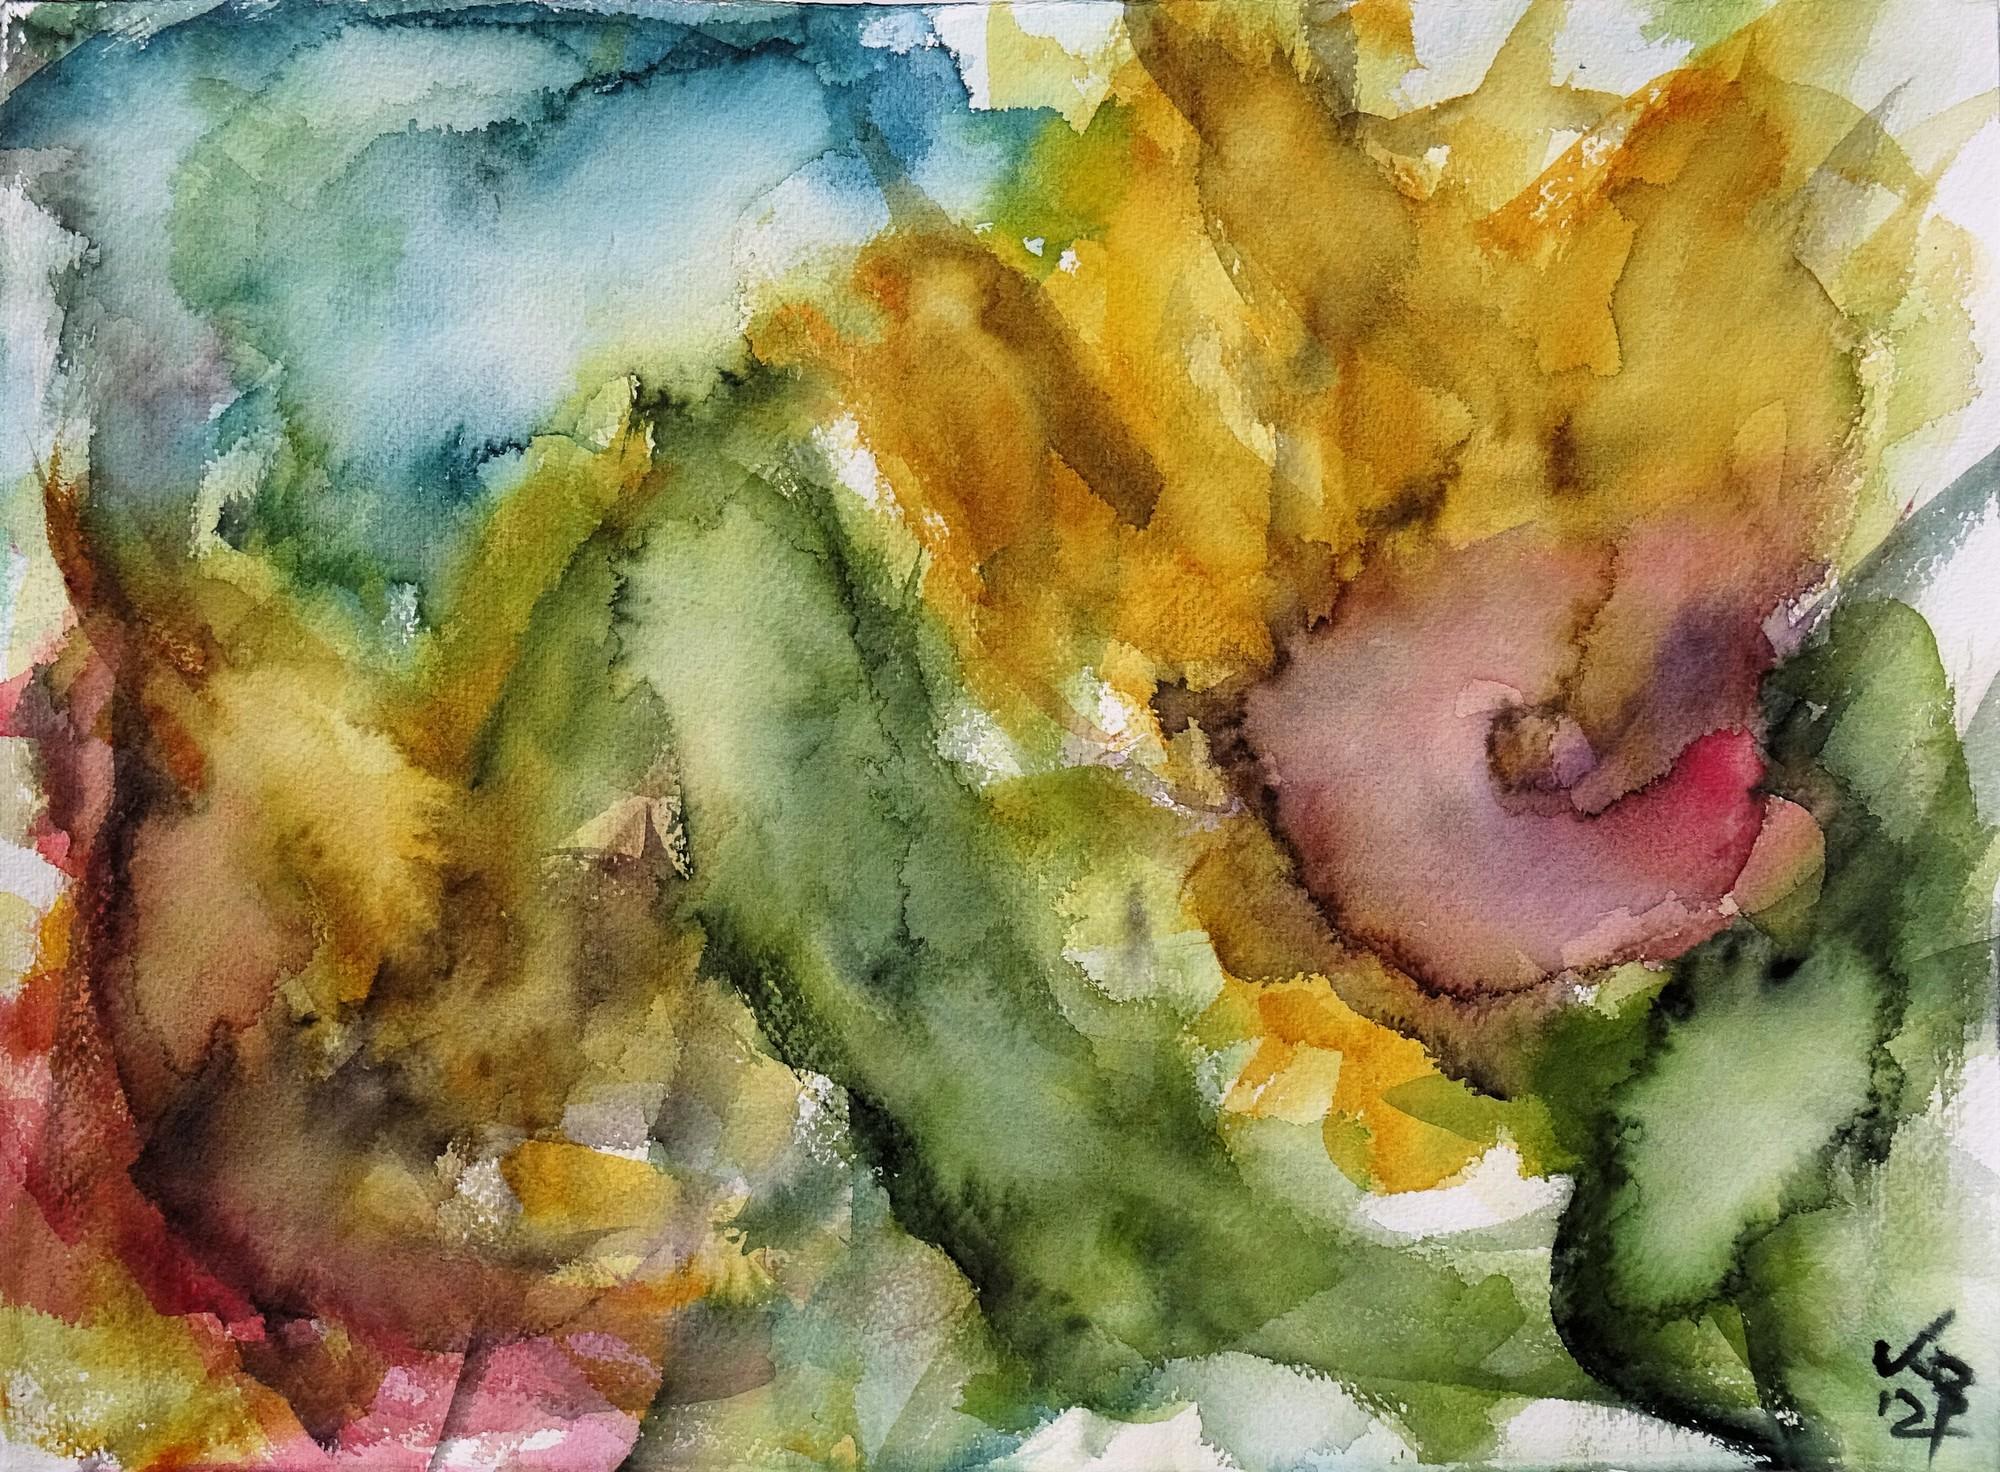 Sonnenblumen III, Watercolour 53 x 39 cm, © 2021 by Klaus Bölling